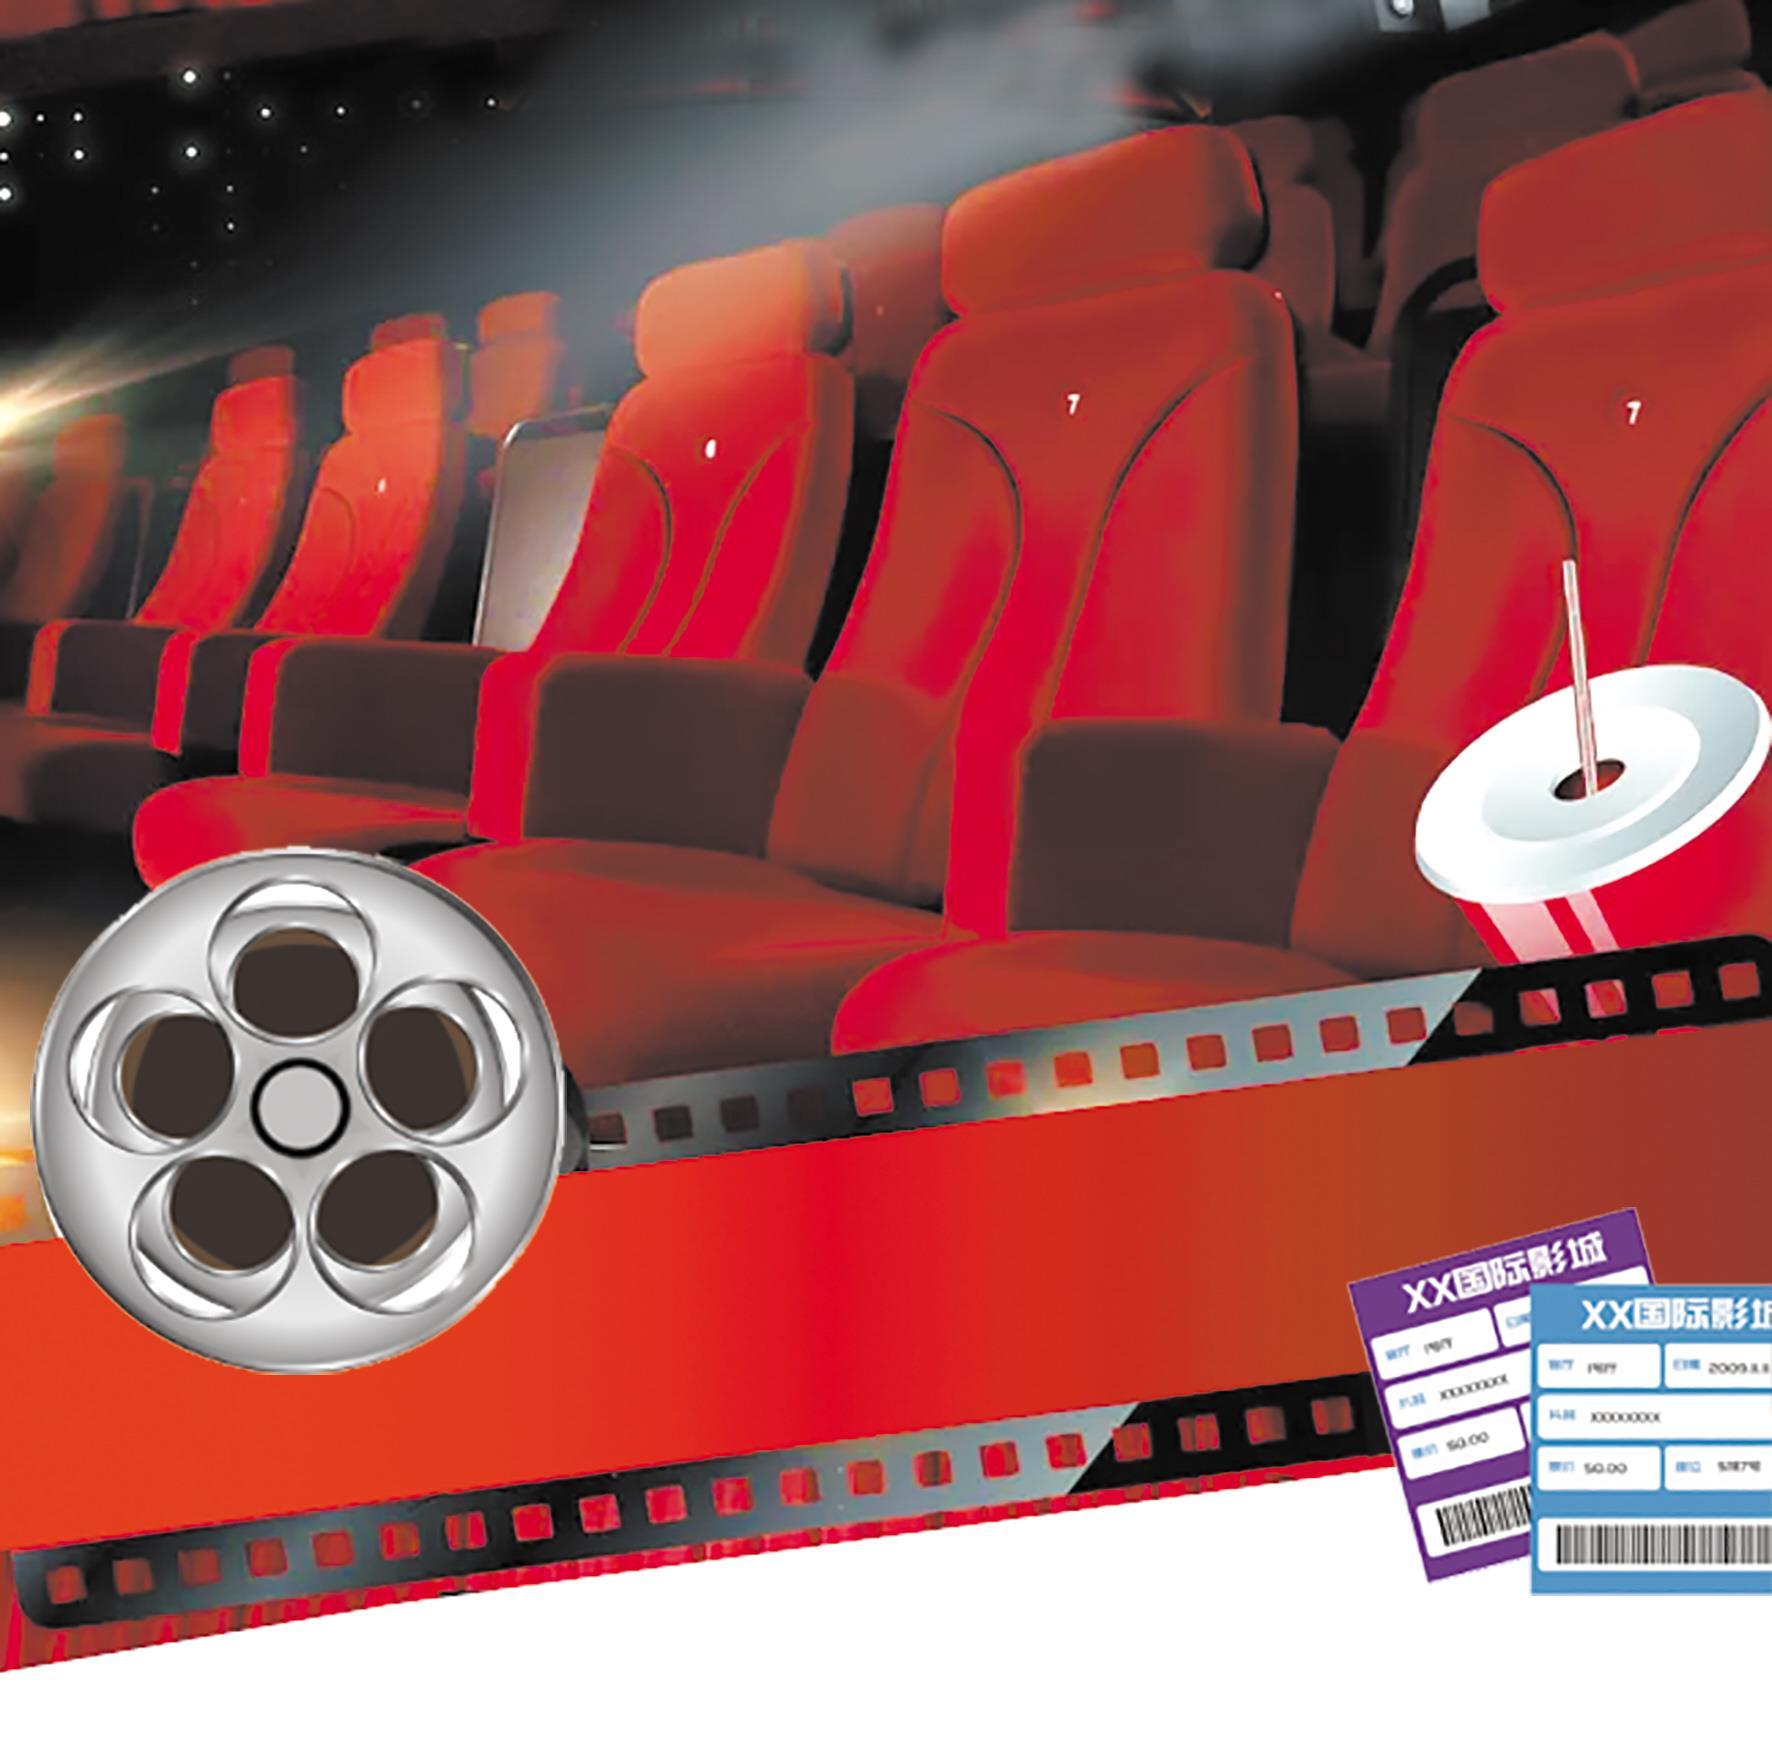 上座率上限提升至75% 电影院能迎接更多观众了